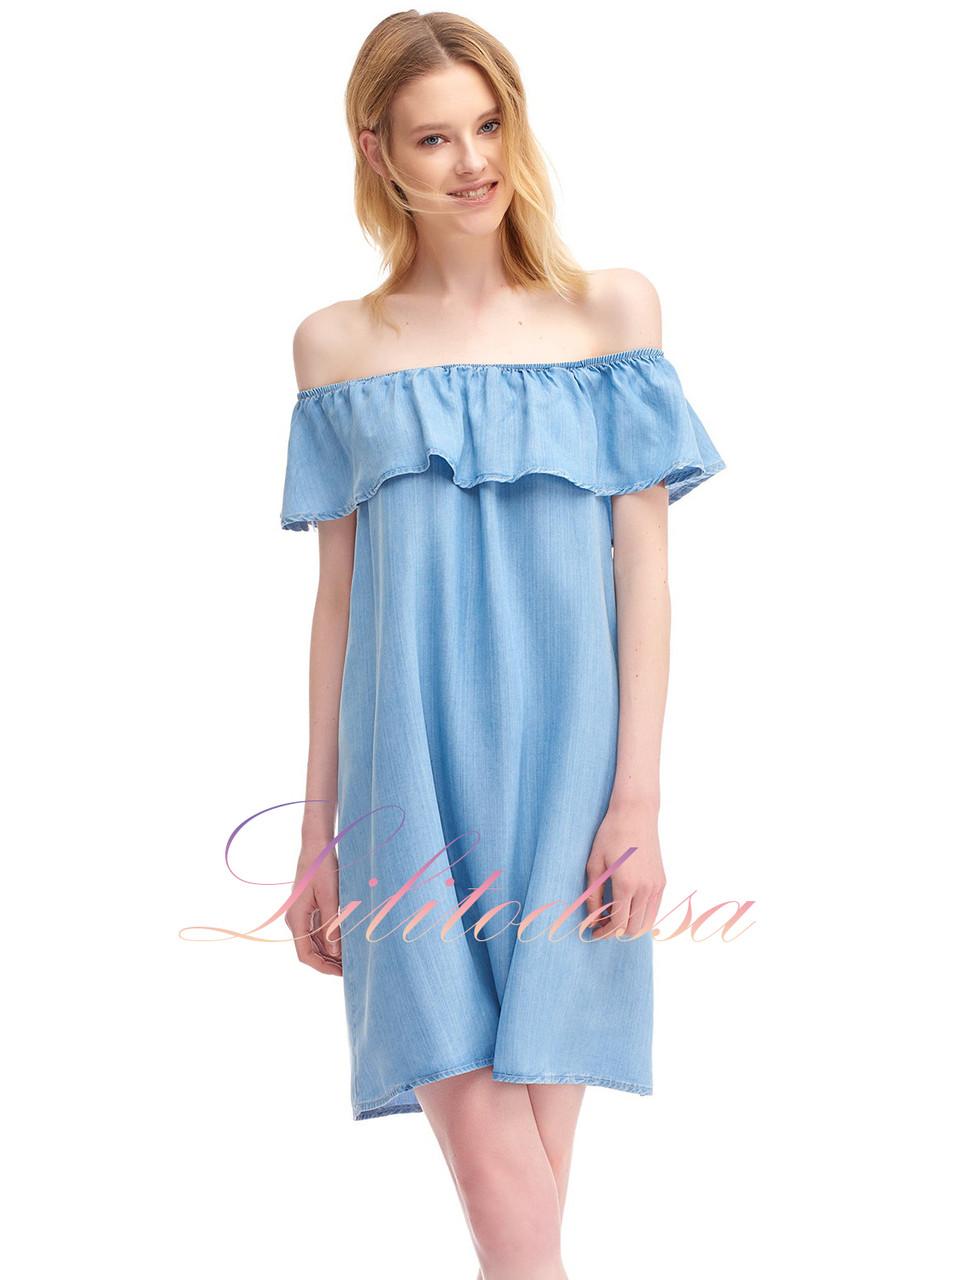 fbcc04623cf Джинсовый Сарафан с открытыми плечами - LILIT ODESSA оптово-розничный  магазин женской одежды в Одессе